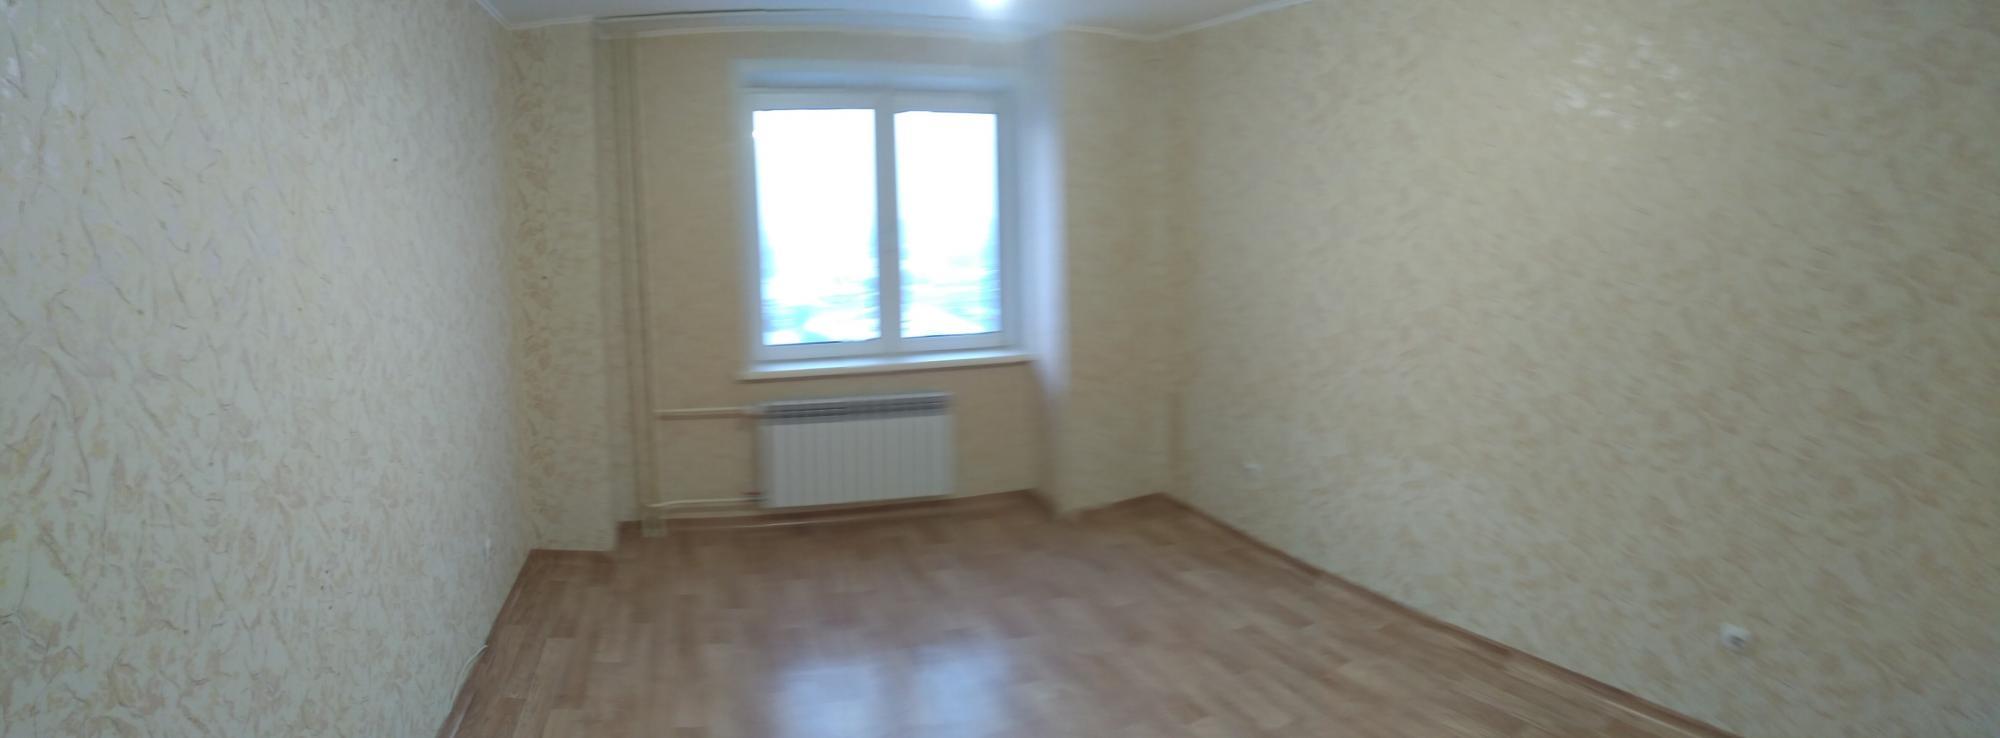 1к квартира Ключевская улица, 83   11000   аренда в Красноярске фото 0